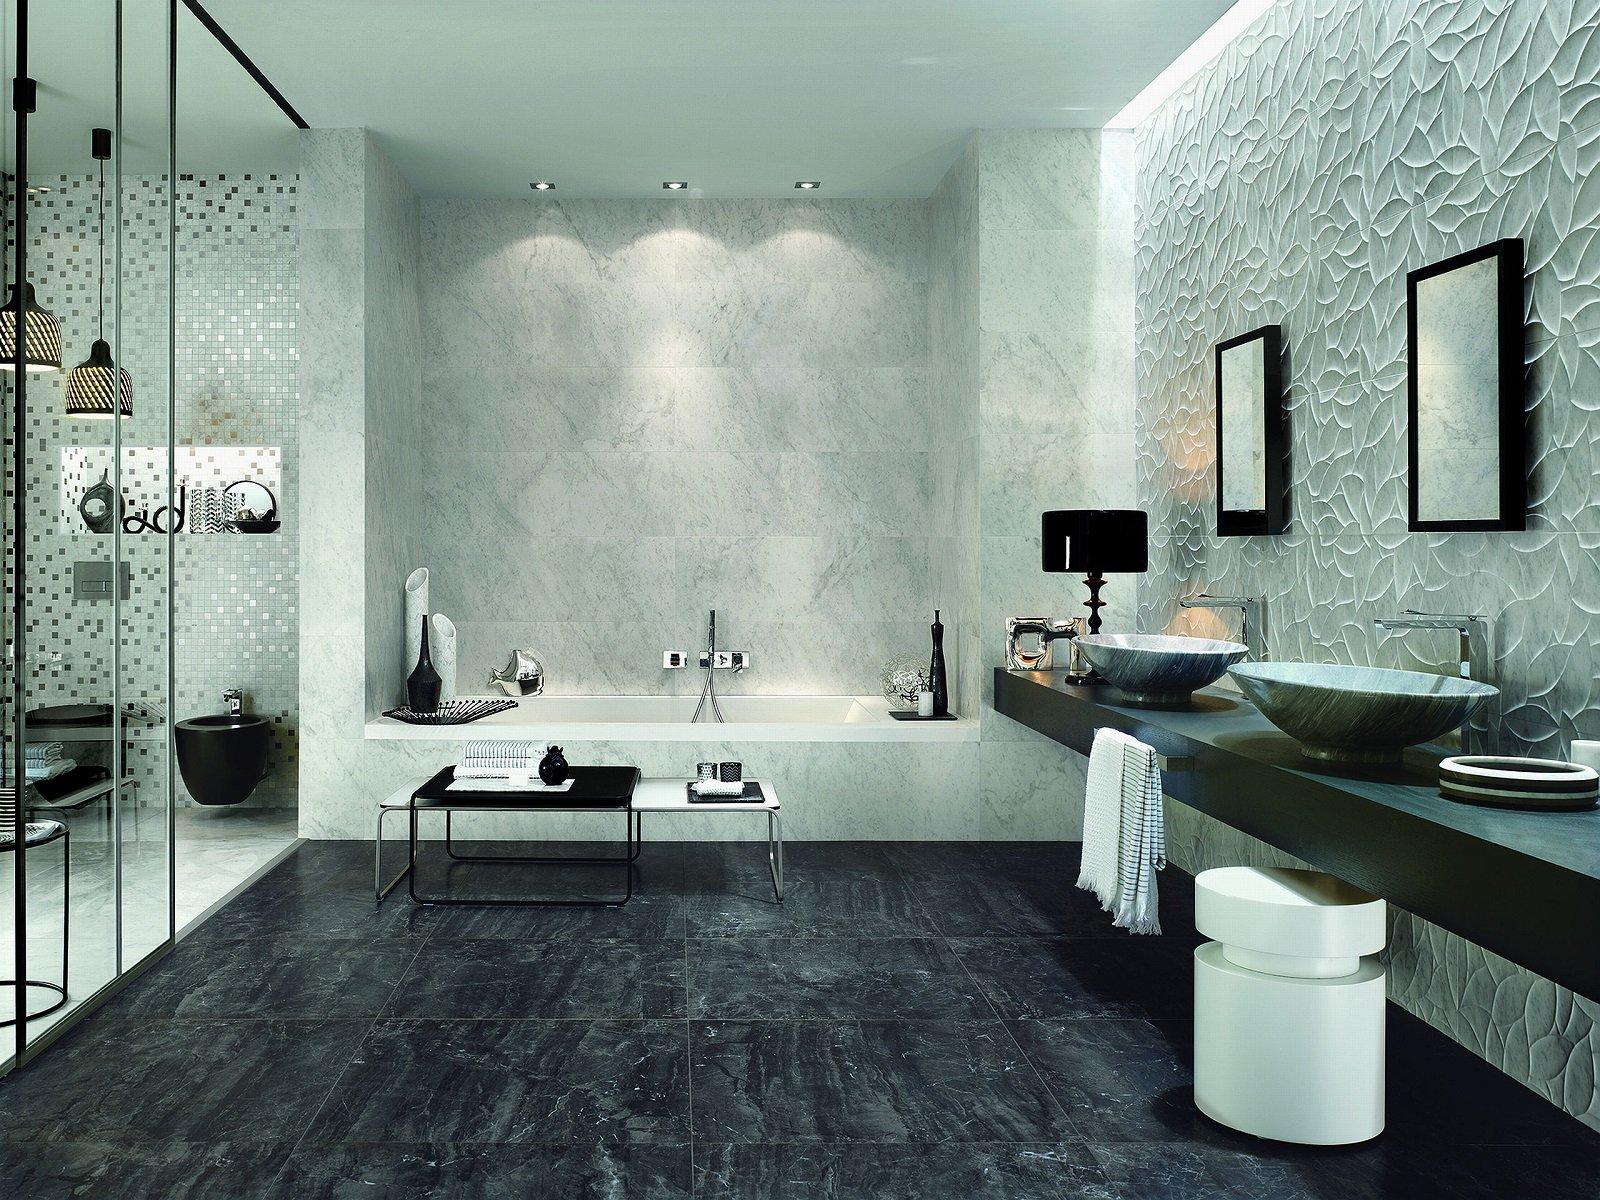 Pavimenti per il bagno gres in tante versioni diversissime per